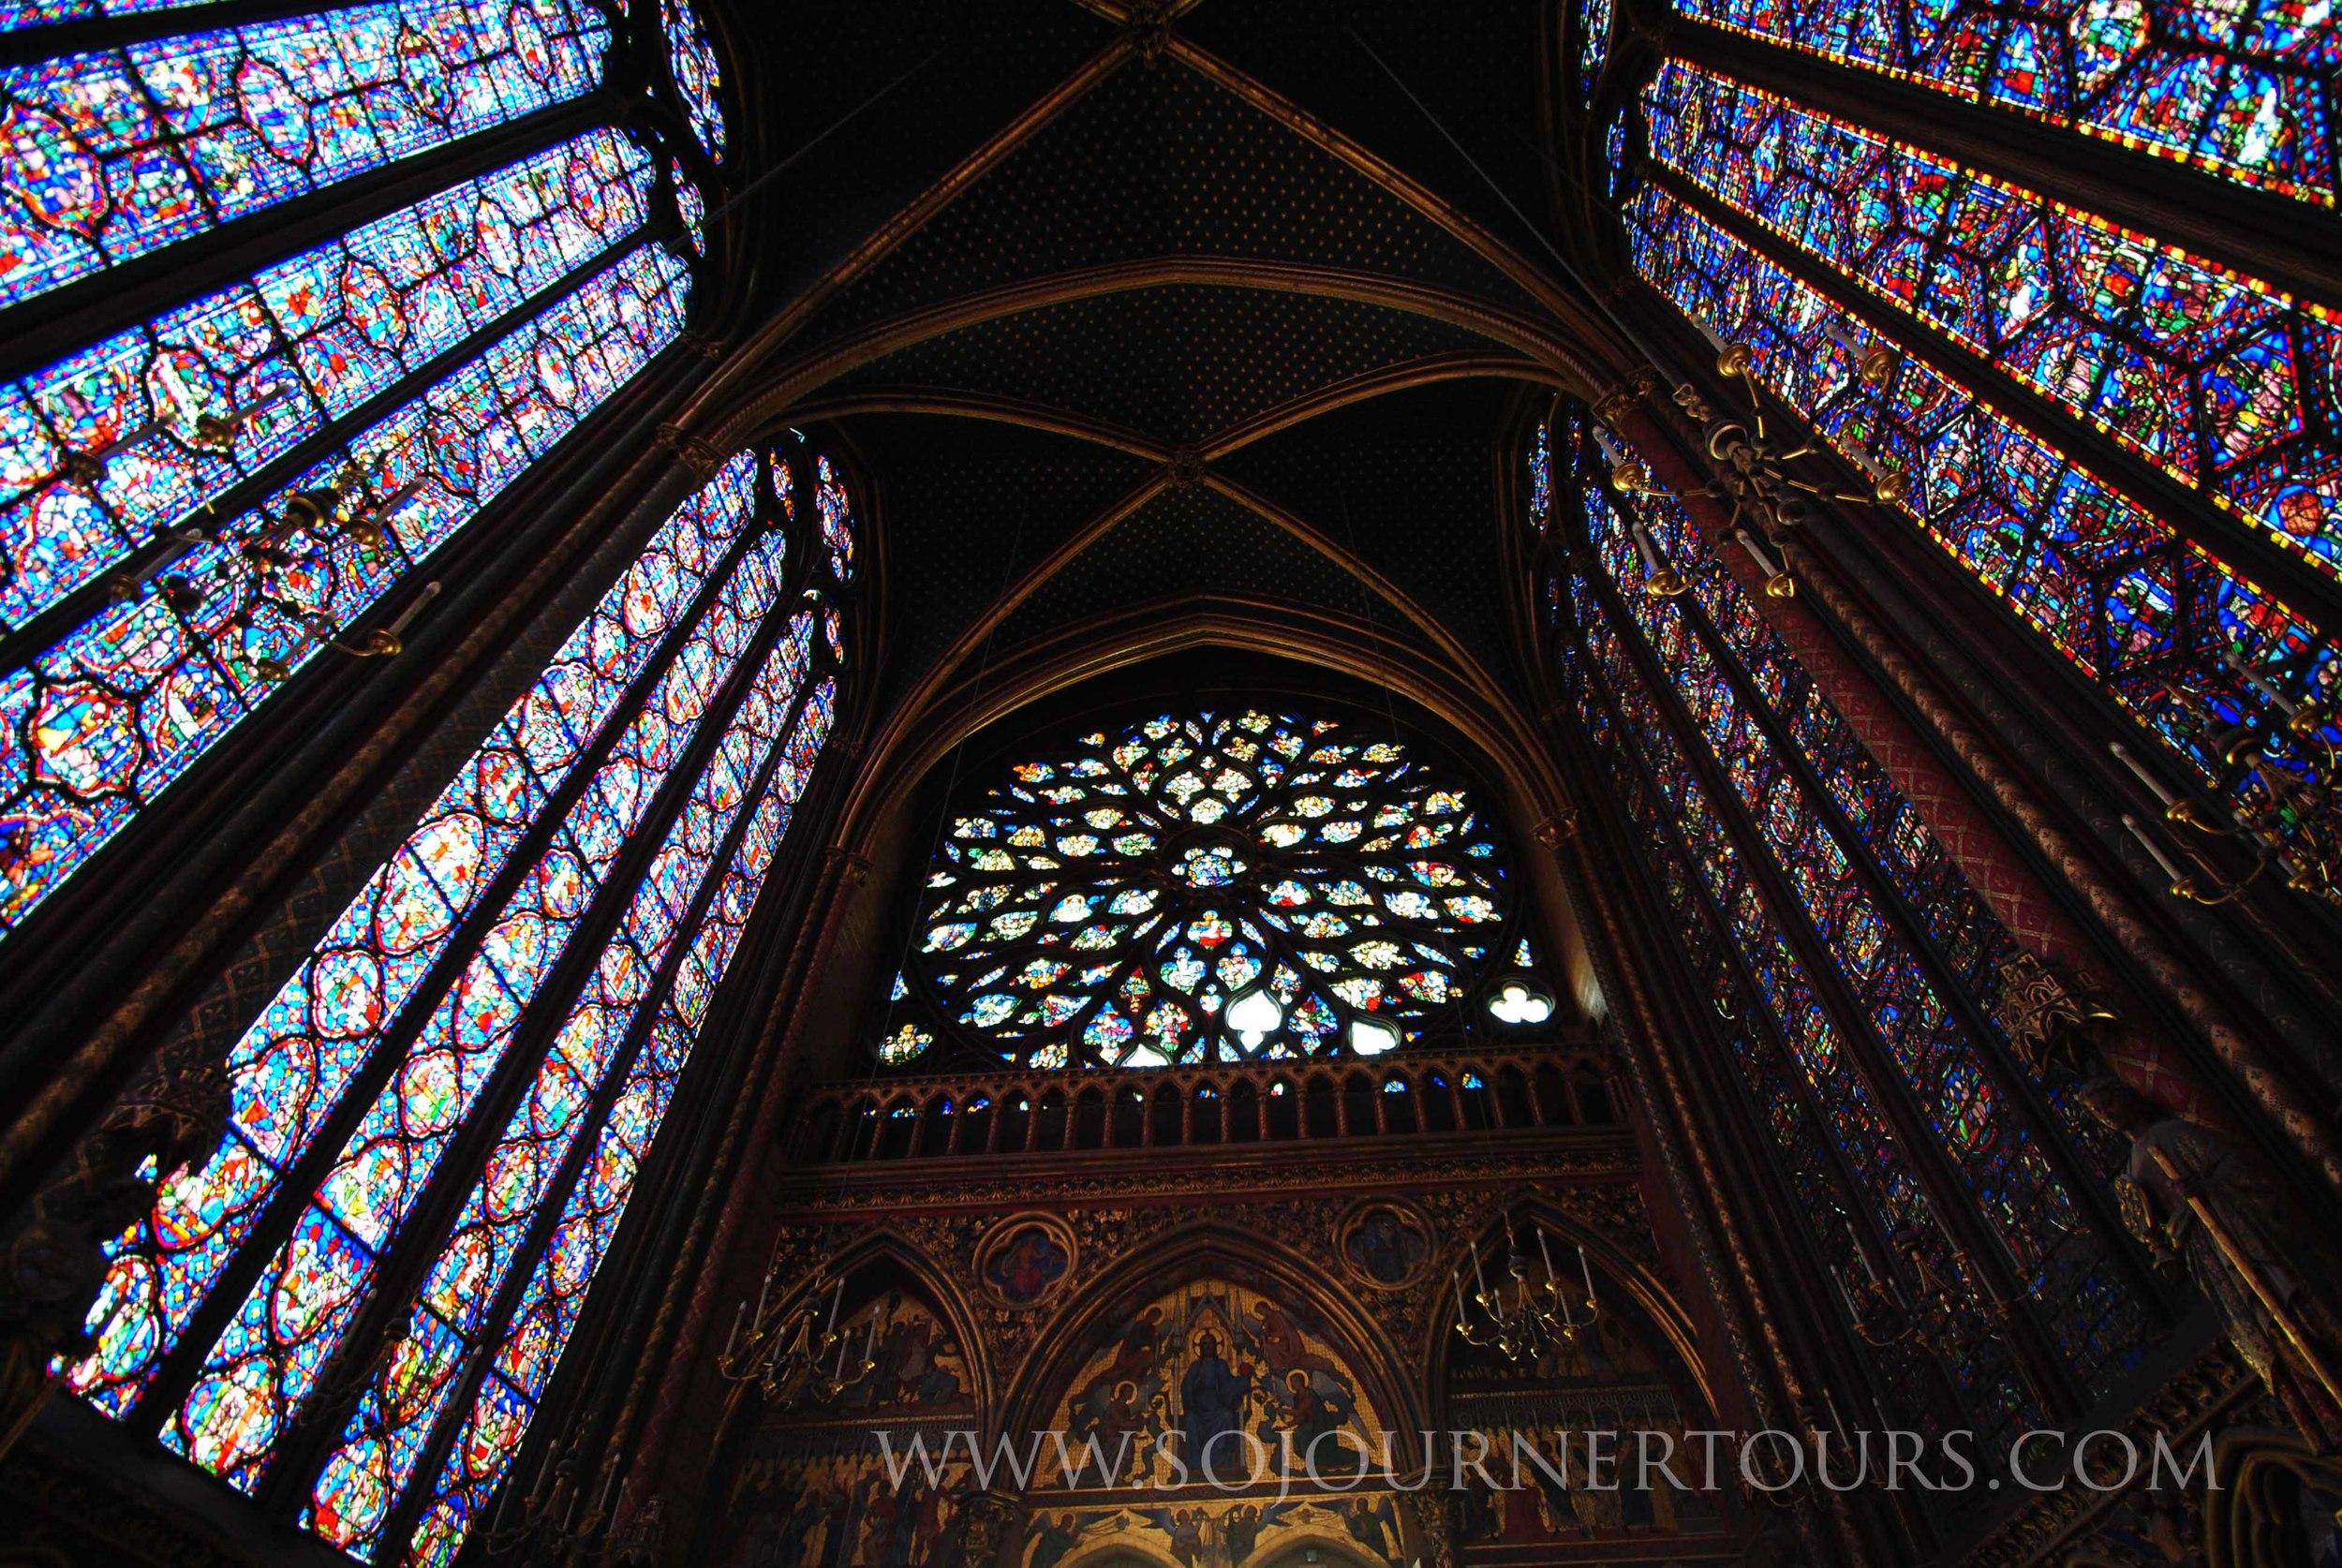 Sainte-Chapelle: Paris, France (Sojourner Tours)